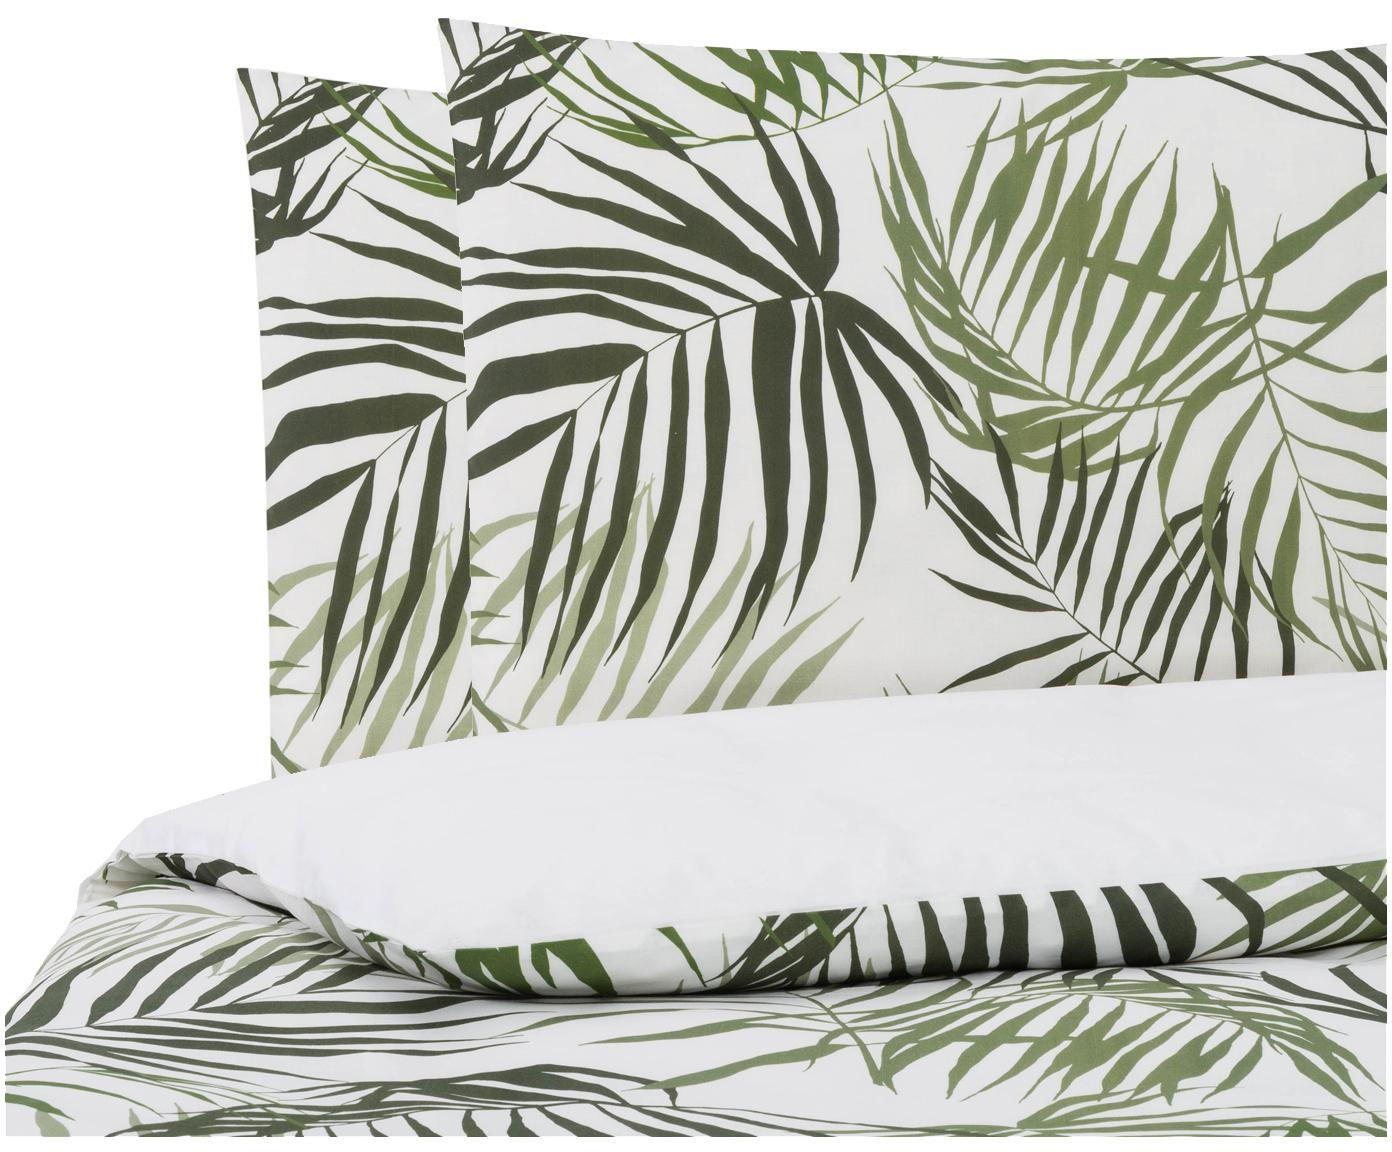 Dubbelzijdig dekbedovertrek Dalor, Katoen, Bovenzijde: groen, wit. Onderzijde: wit, 260 x 220 cm